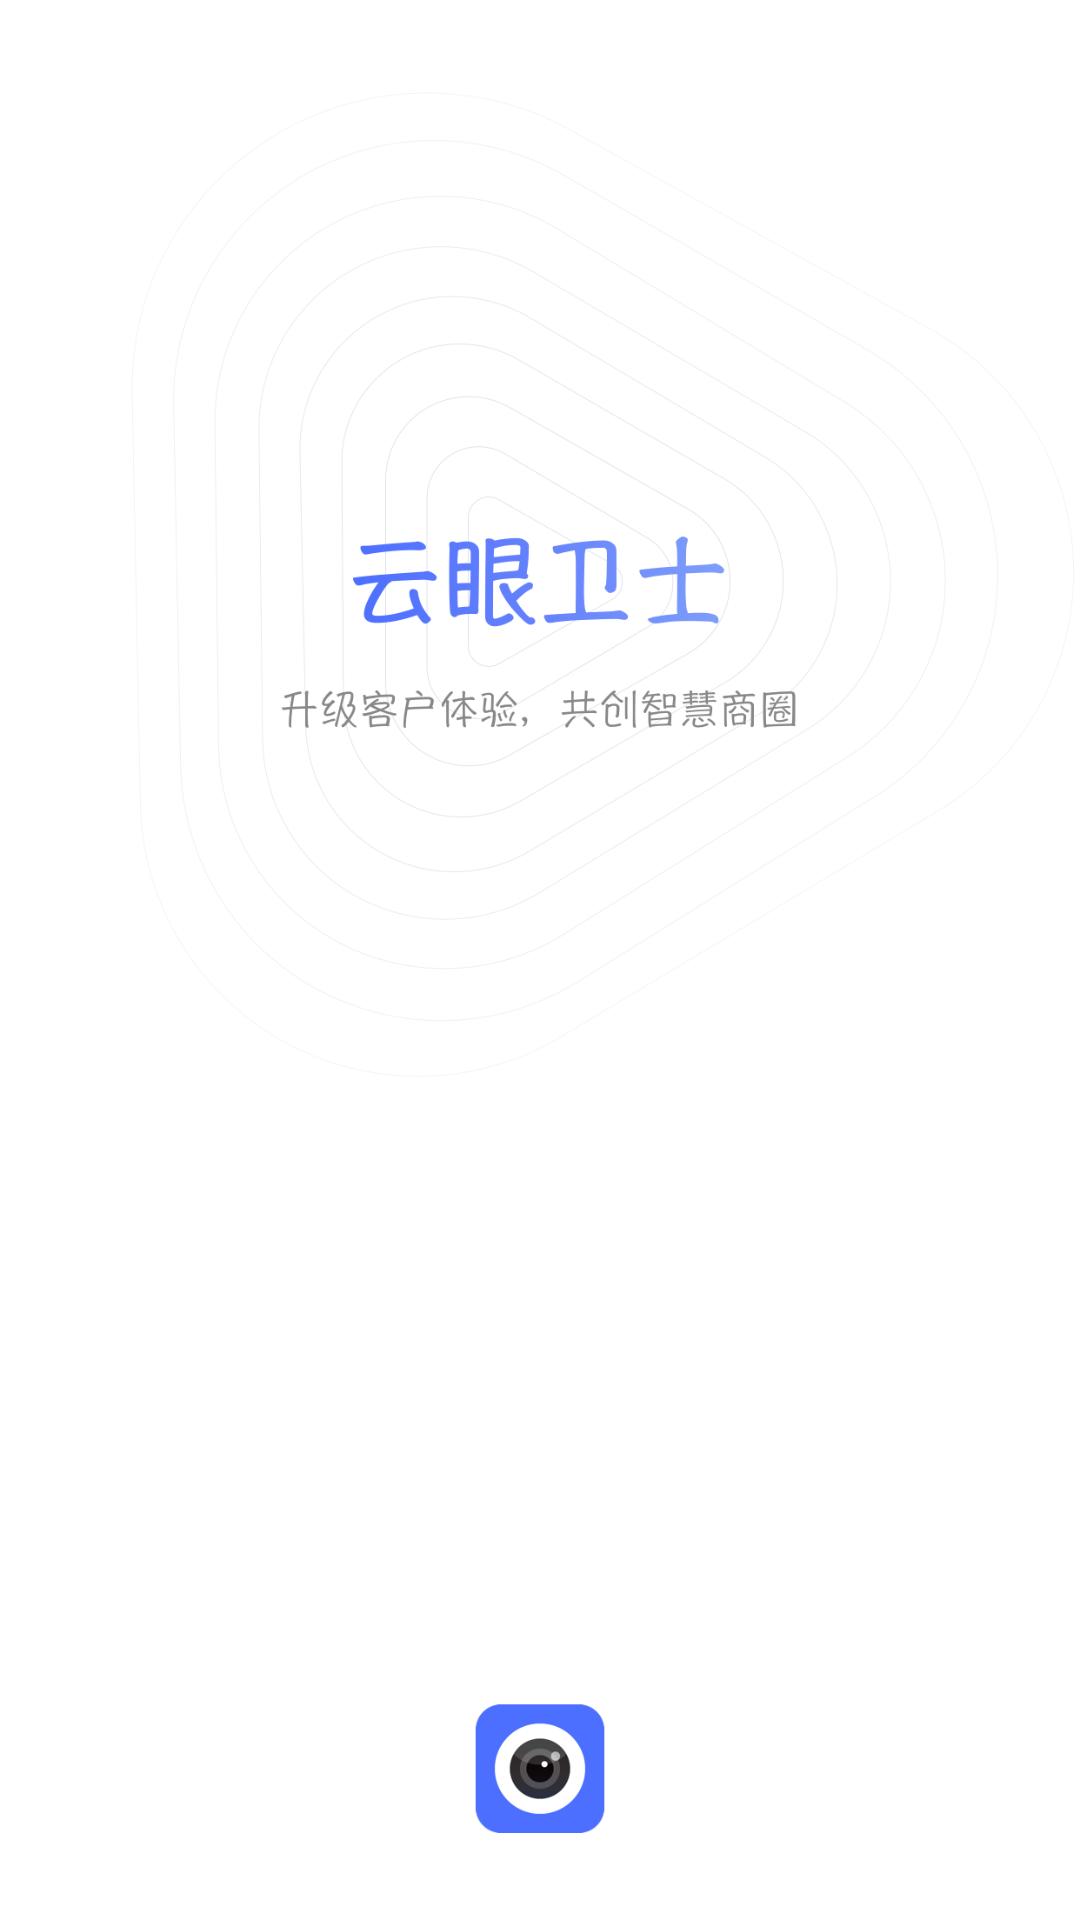 云眼看店 V2.0.0 安卓版截图4